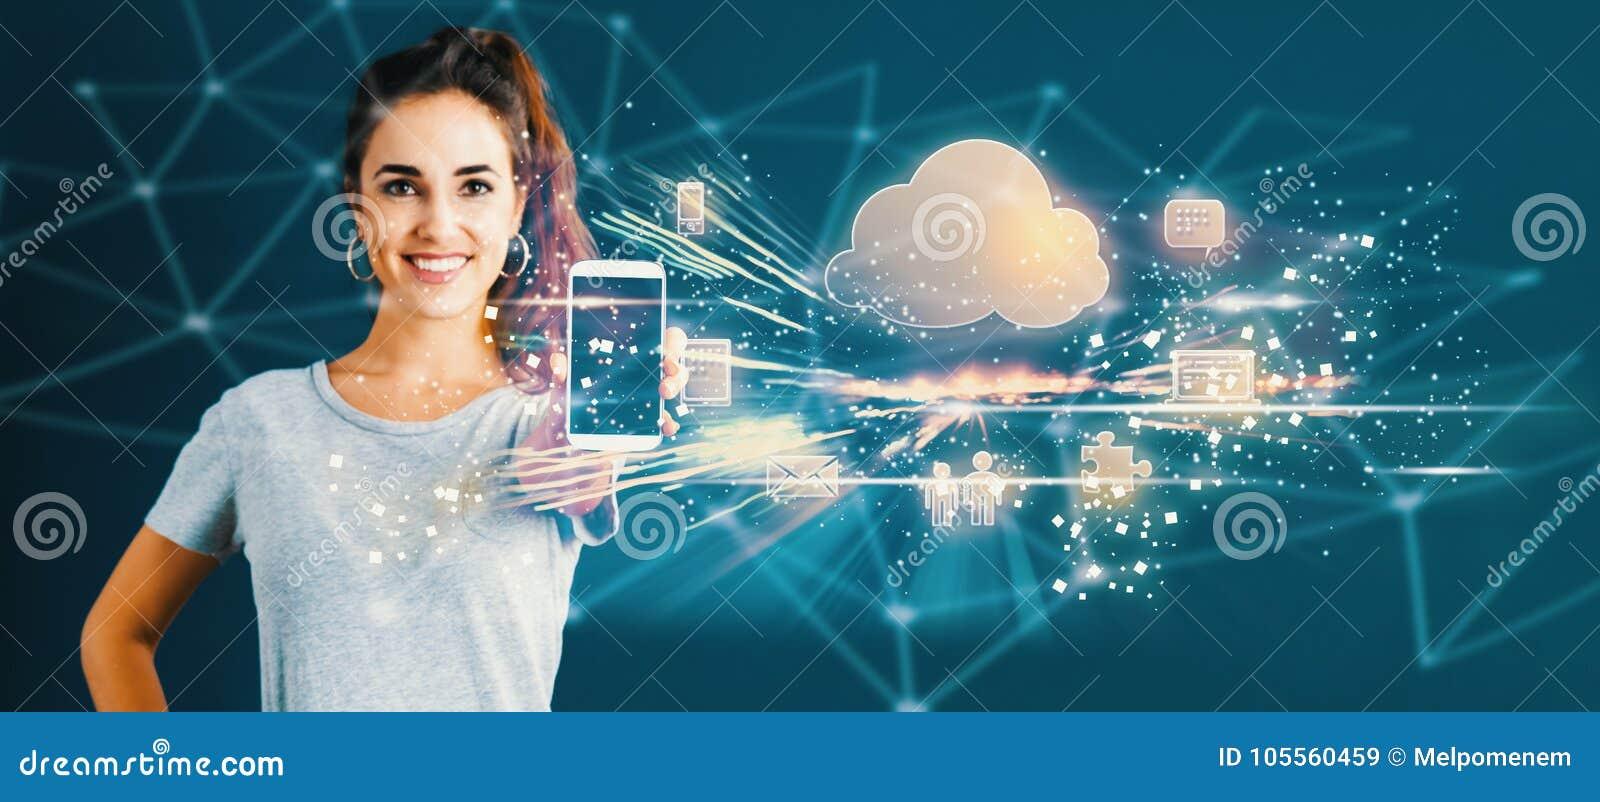 Wolk die met jonge vrouw gegevens verwerken die een smartphone standhouden